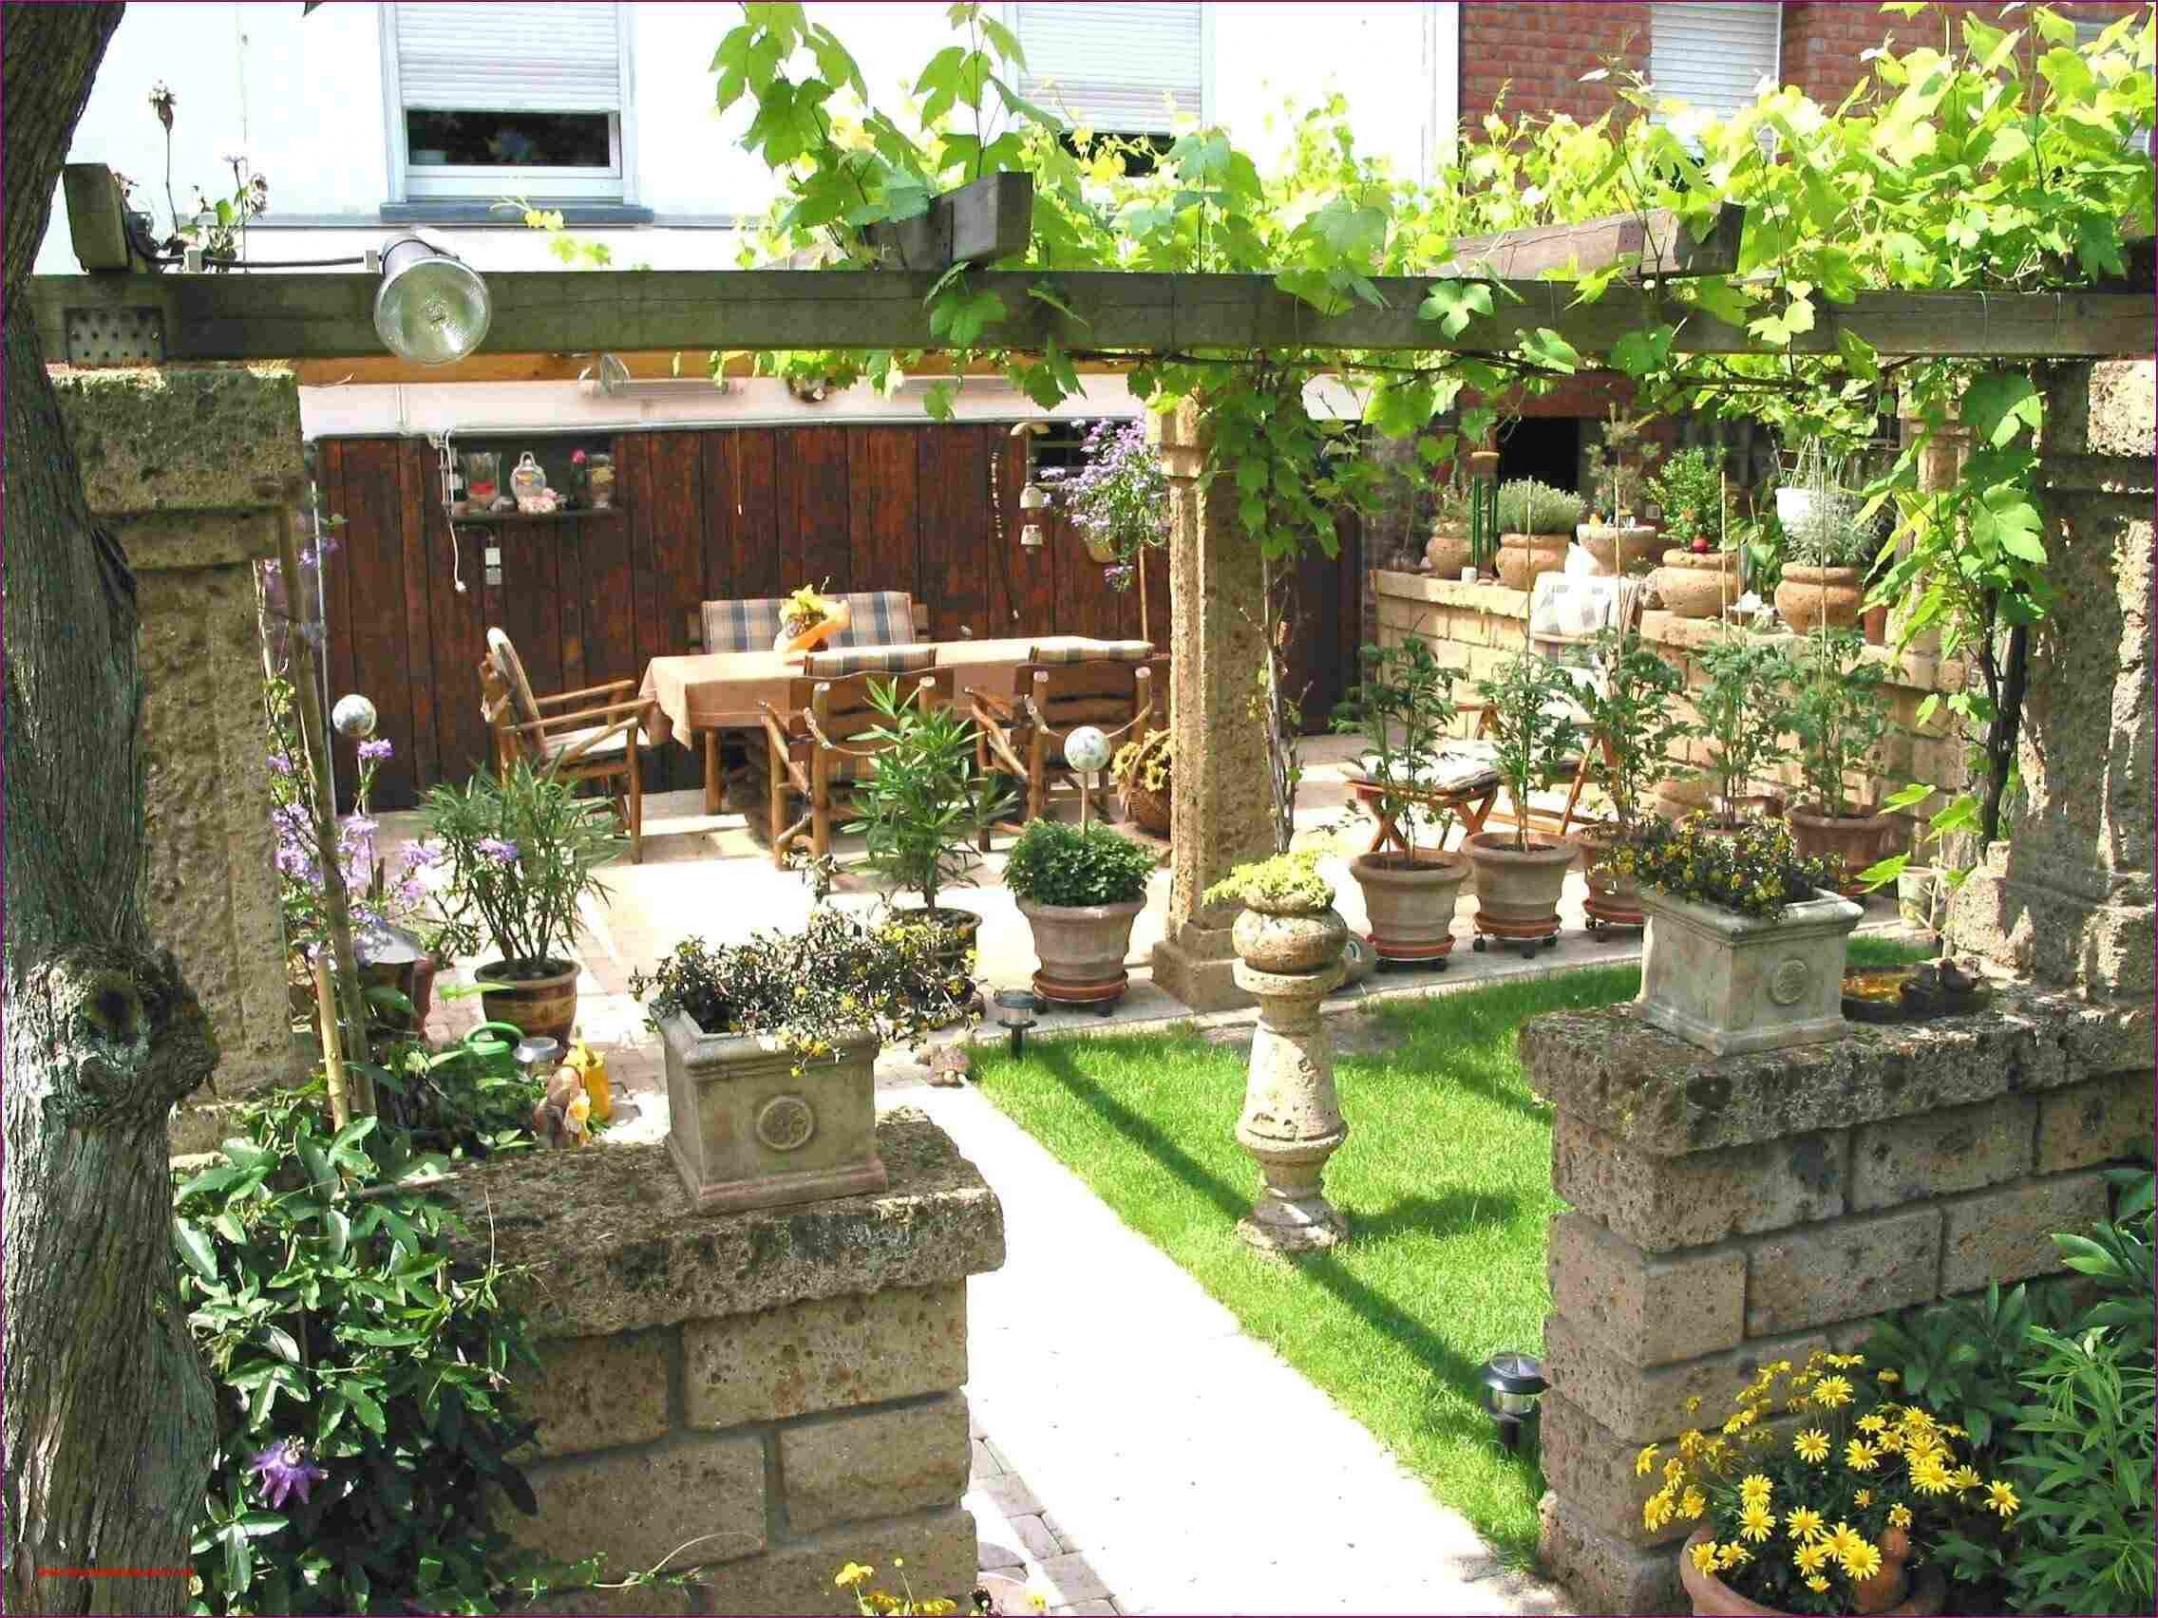 42 luxus hohe pflanzen als sichtschutz grafik sichtschutz garten pflanzen sichtschutz garten pflanzen